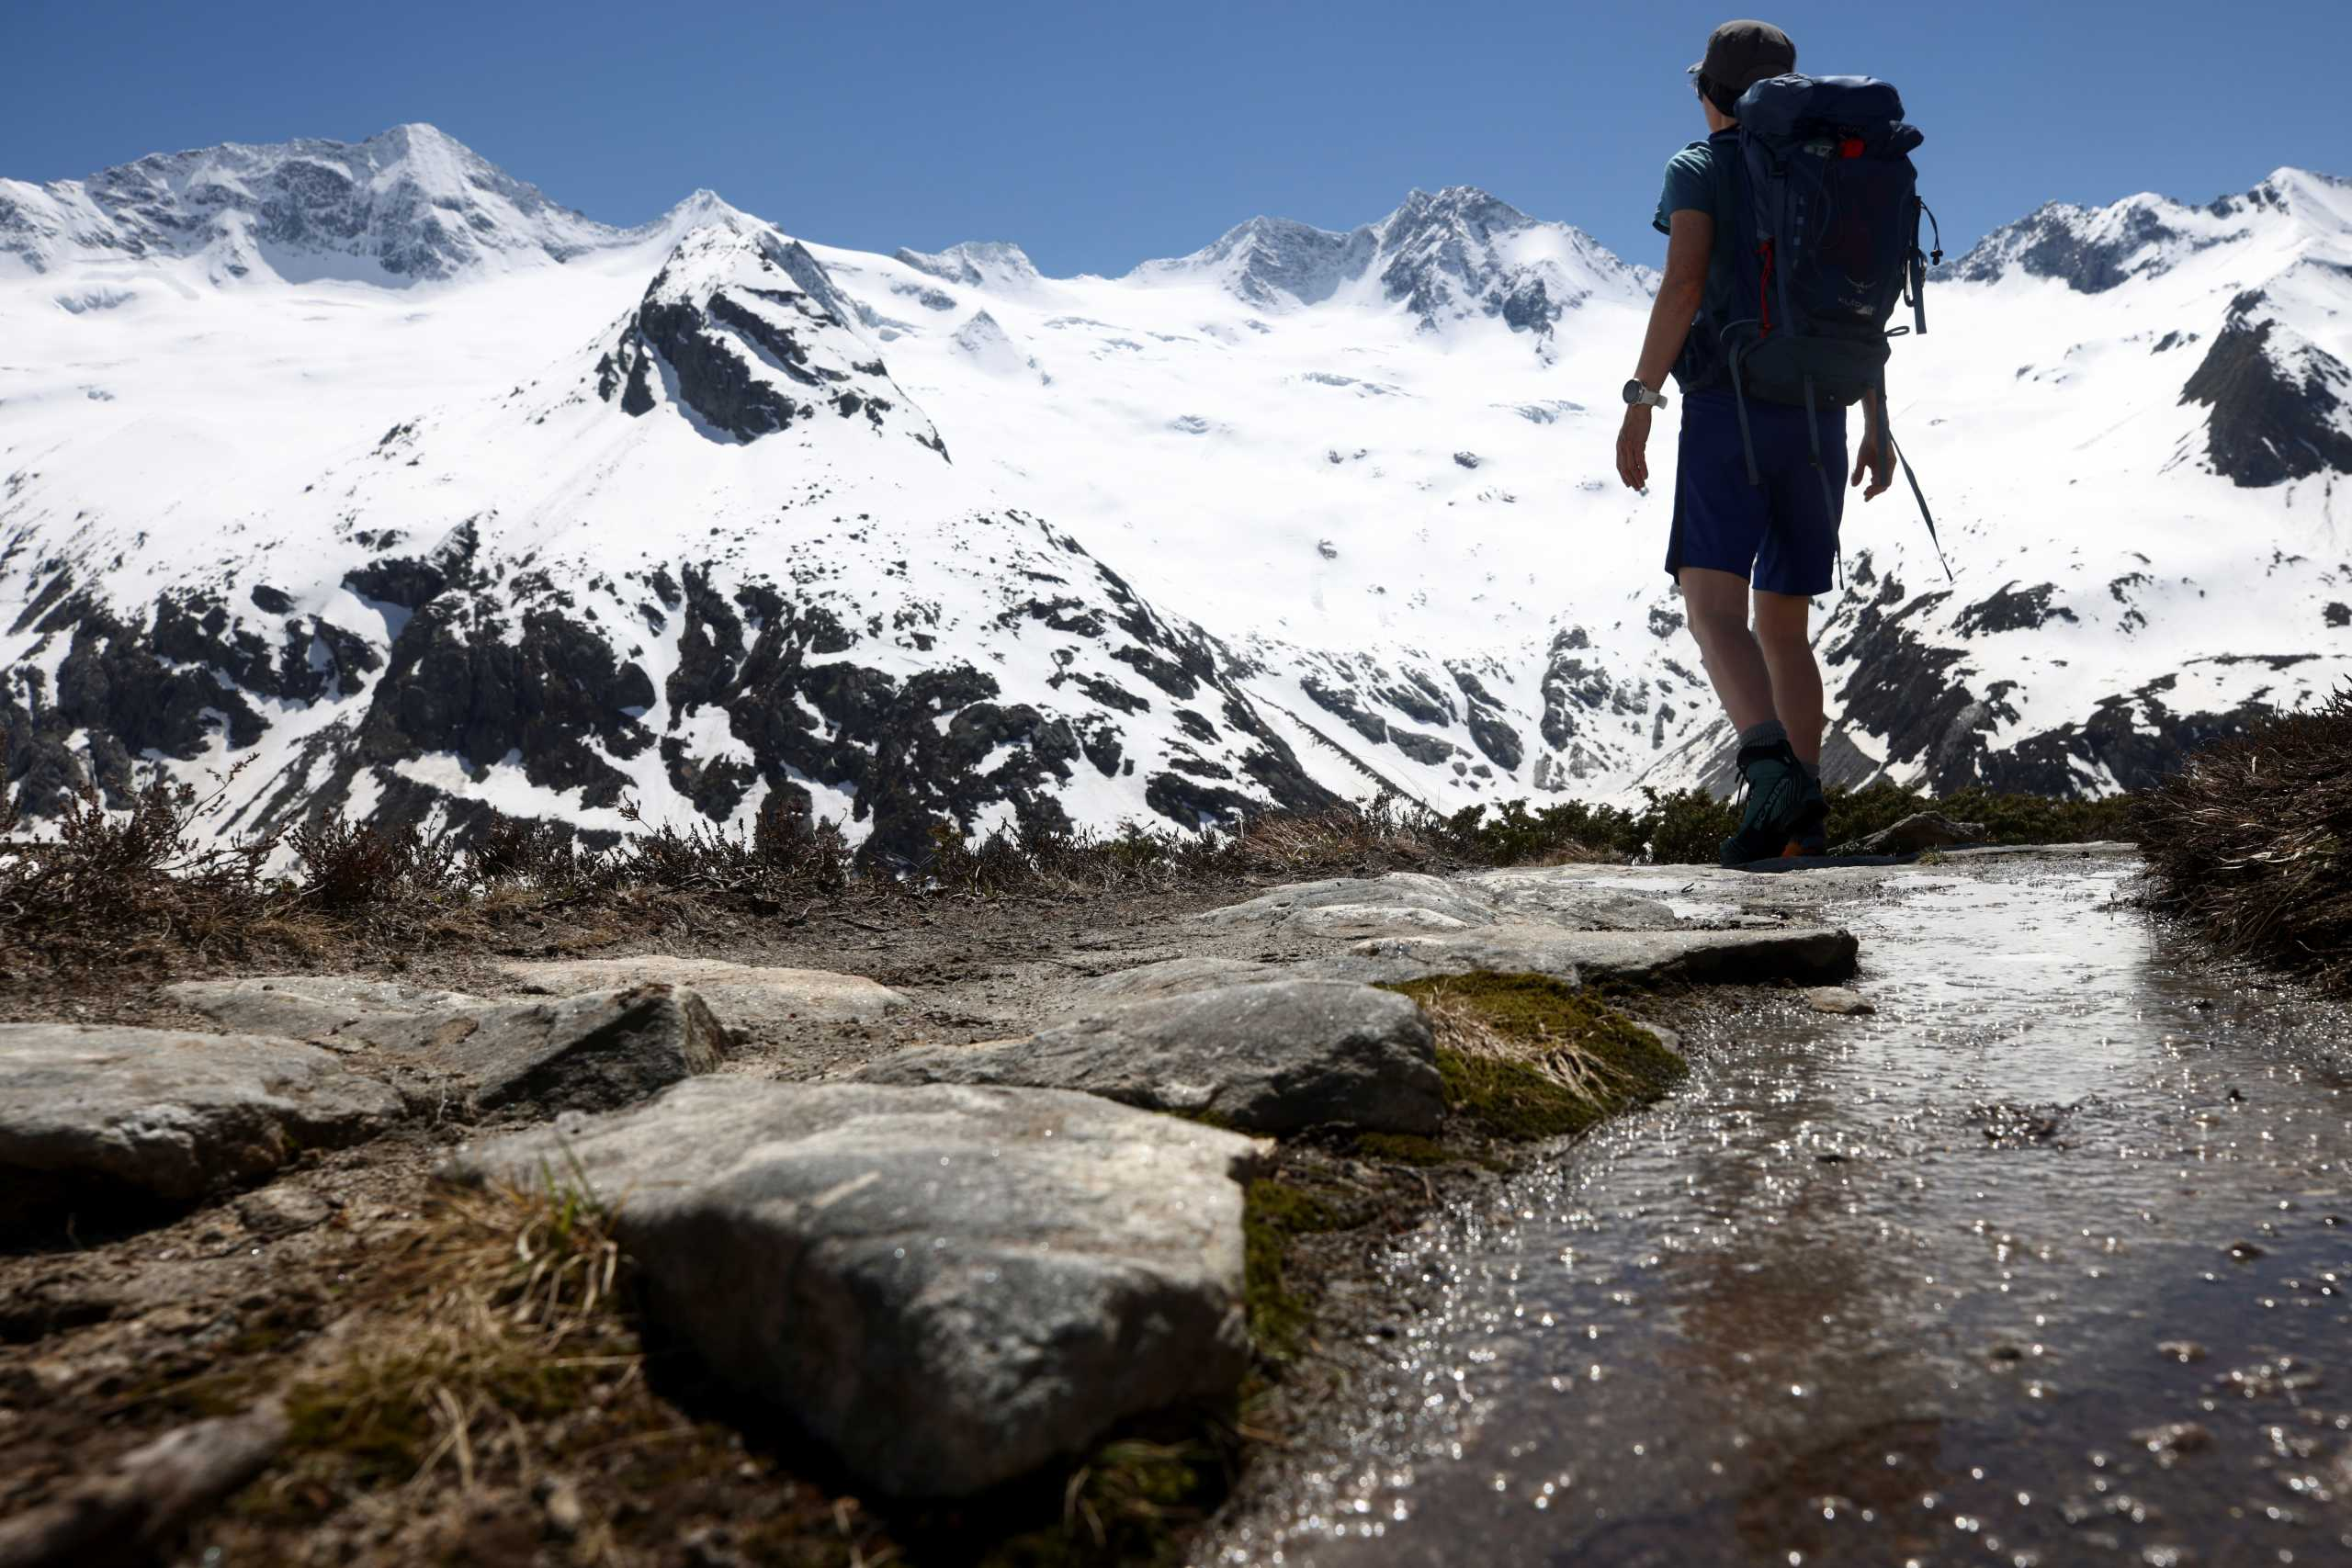 Αυστρία: Ολοκληρώθηκαν οι εισαγγελικές έρευνες για τις μολύνσεις τουριστών από κορονοϊό θέρετρο Ισγκλ